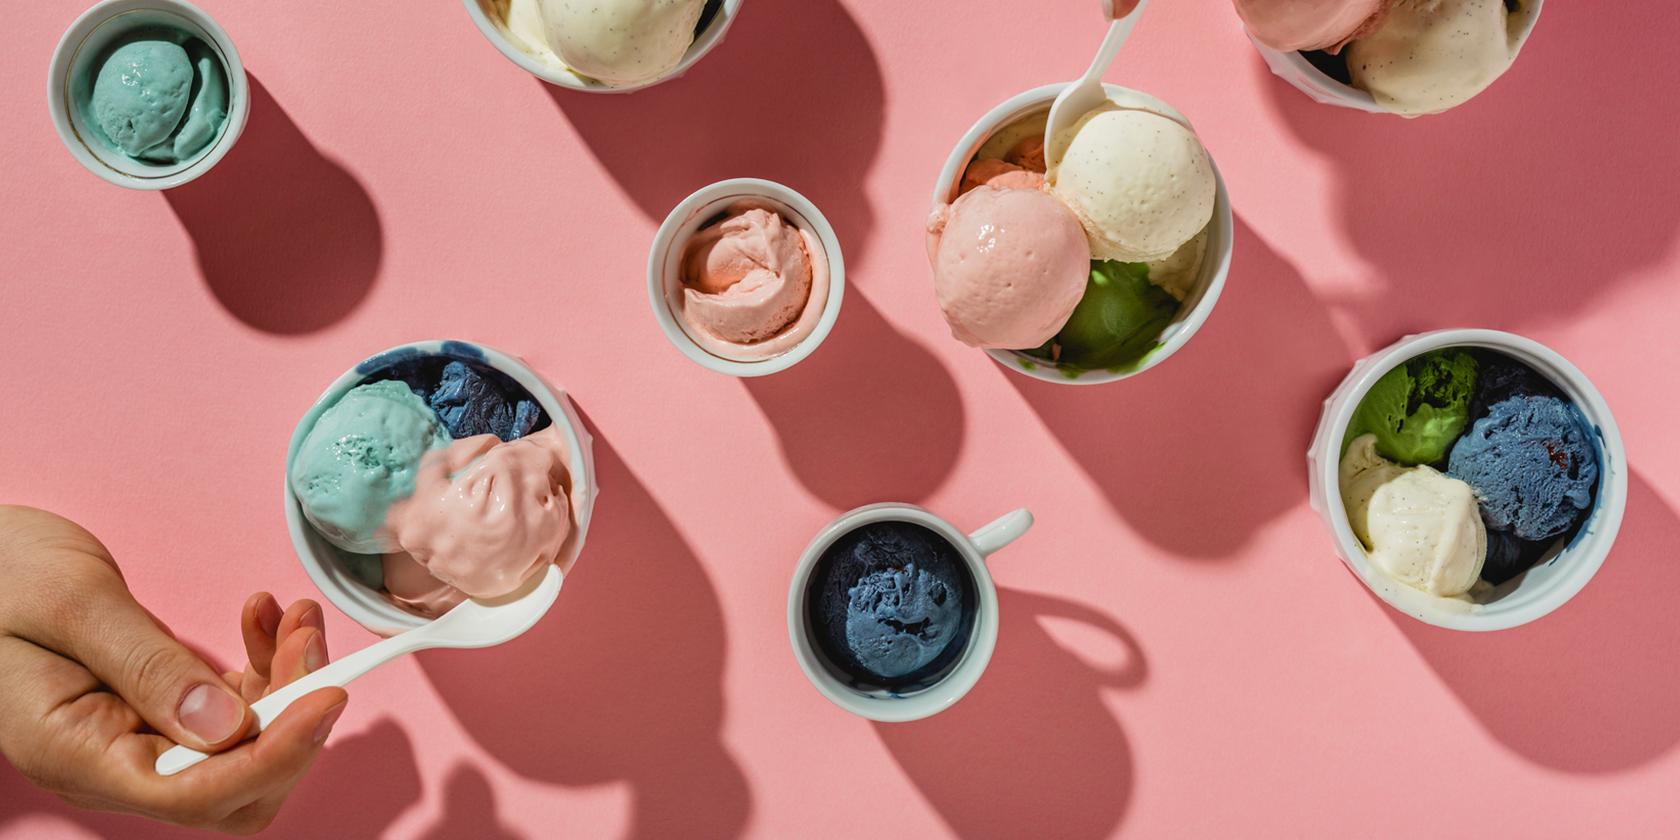 5 trucs pour profiter (encore plus!) de votre crème glacée